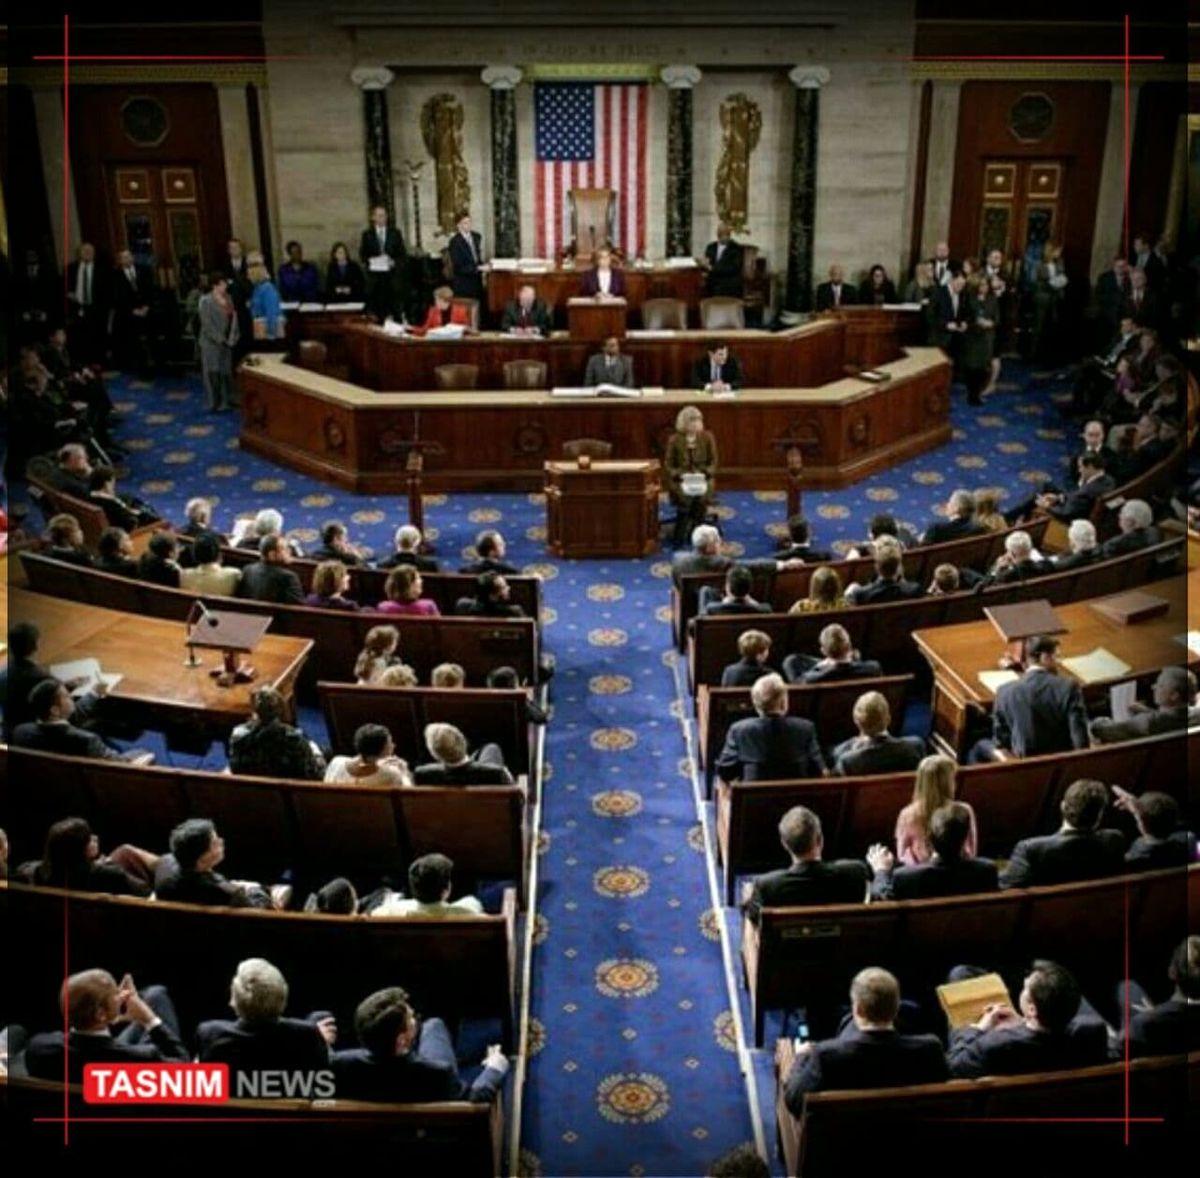 تهدید امنیتی باعث تعطیلی کنگره شد